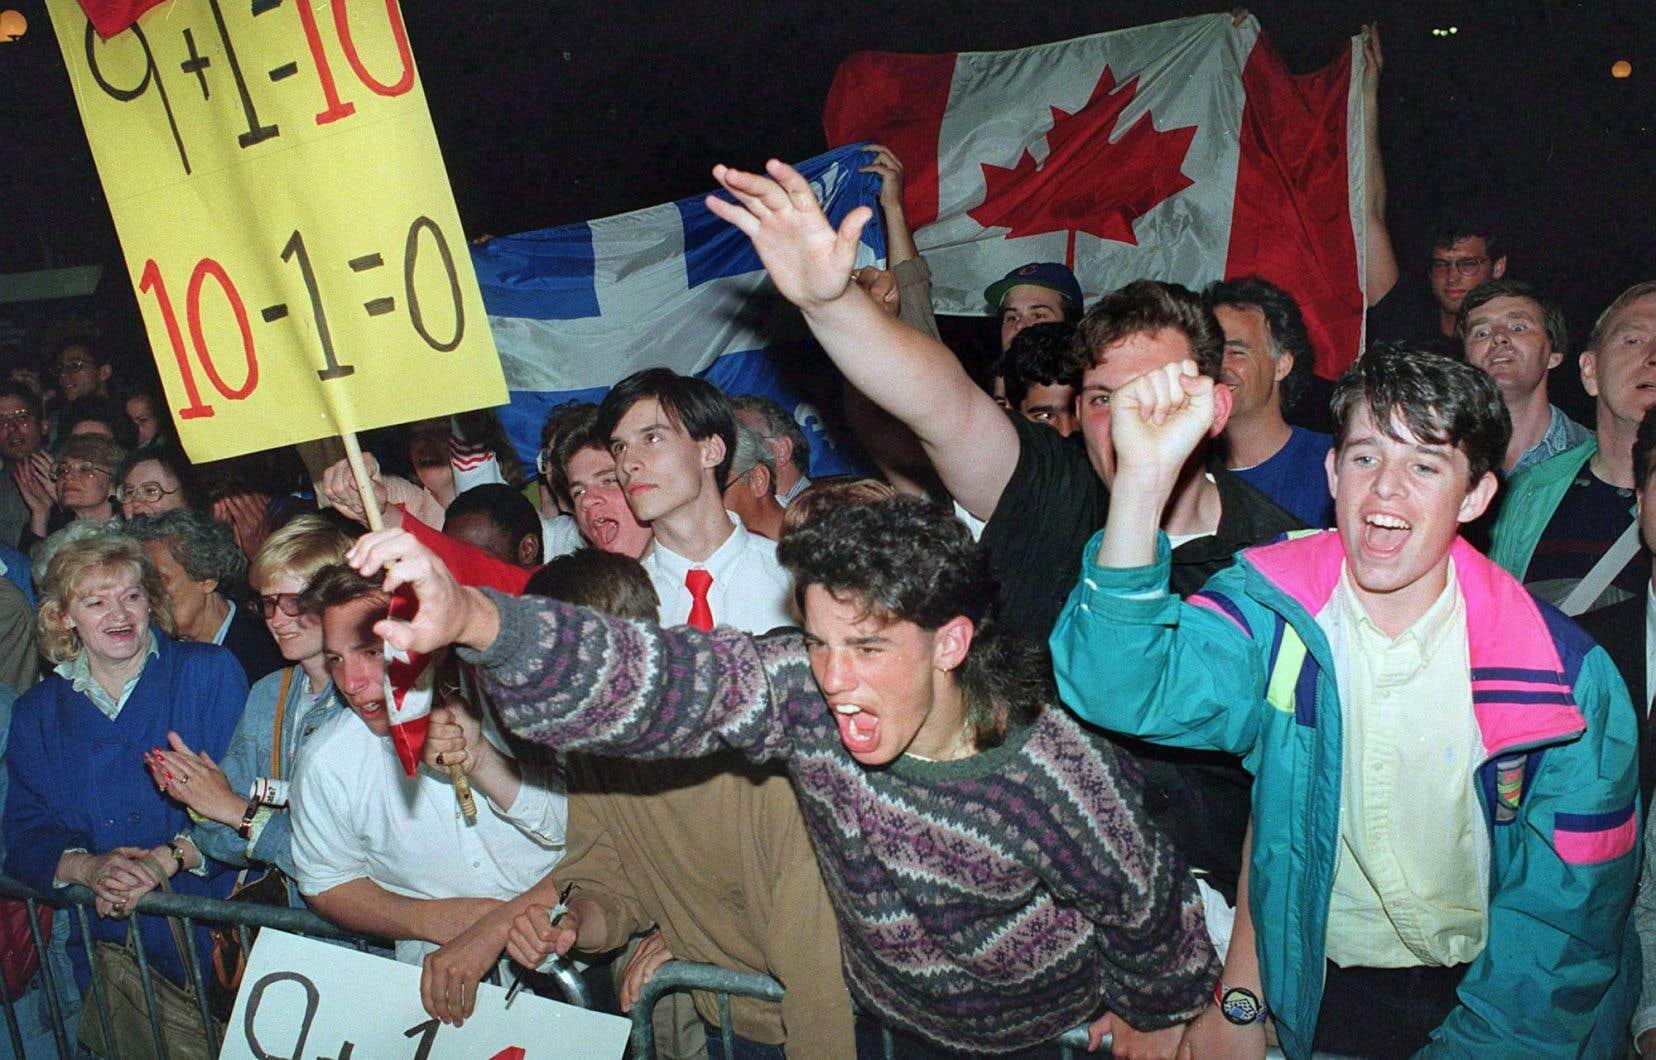 Des manifestants montrent leur soutien à l'accord du lac Meech quelques heures avant que celui-ci soit définitivement rejeté en juin 1990.